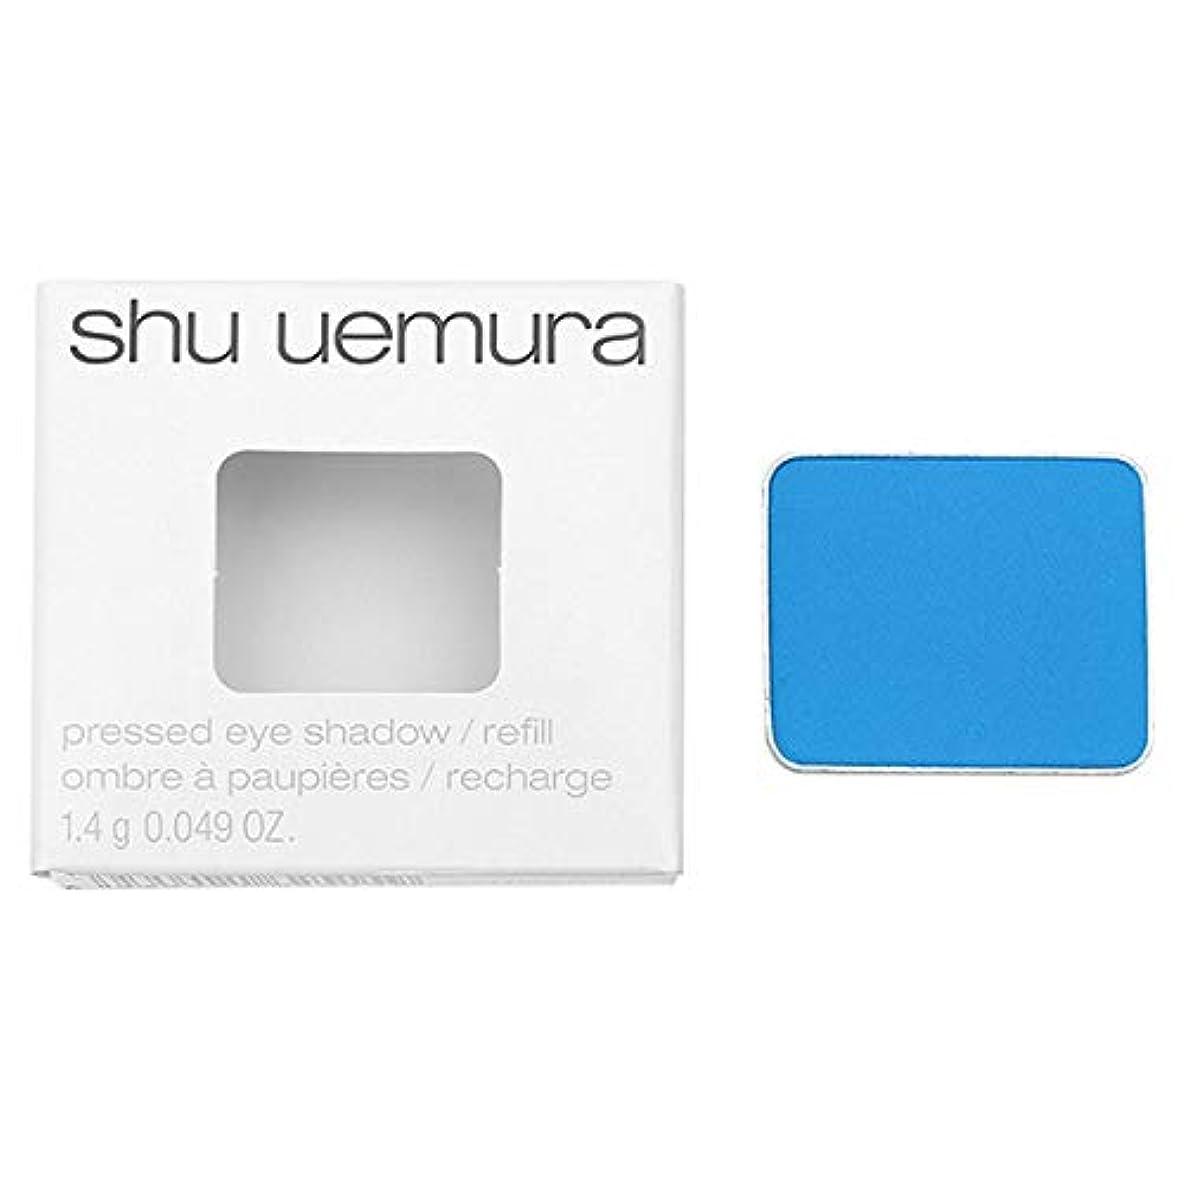 シュウウエムラ shu uemura プレスドアイシャドー 【詰め替え用】 S665ブルー (在庫)